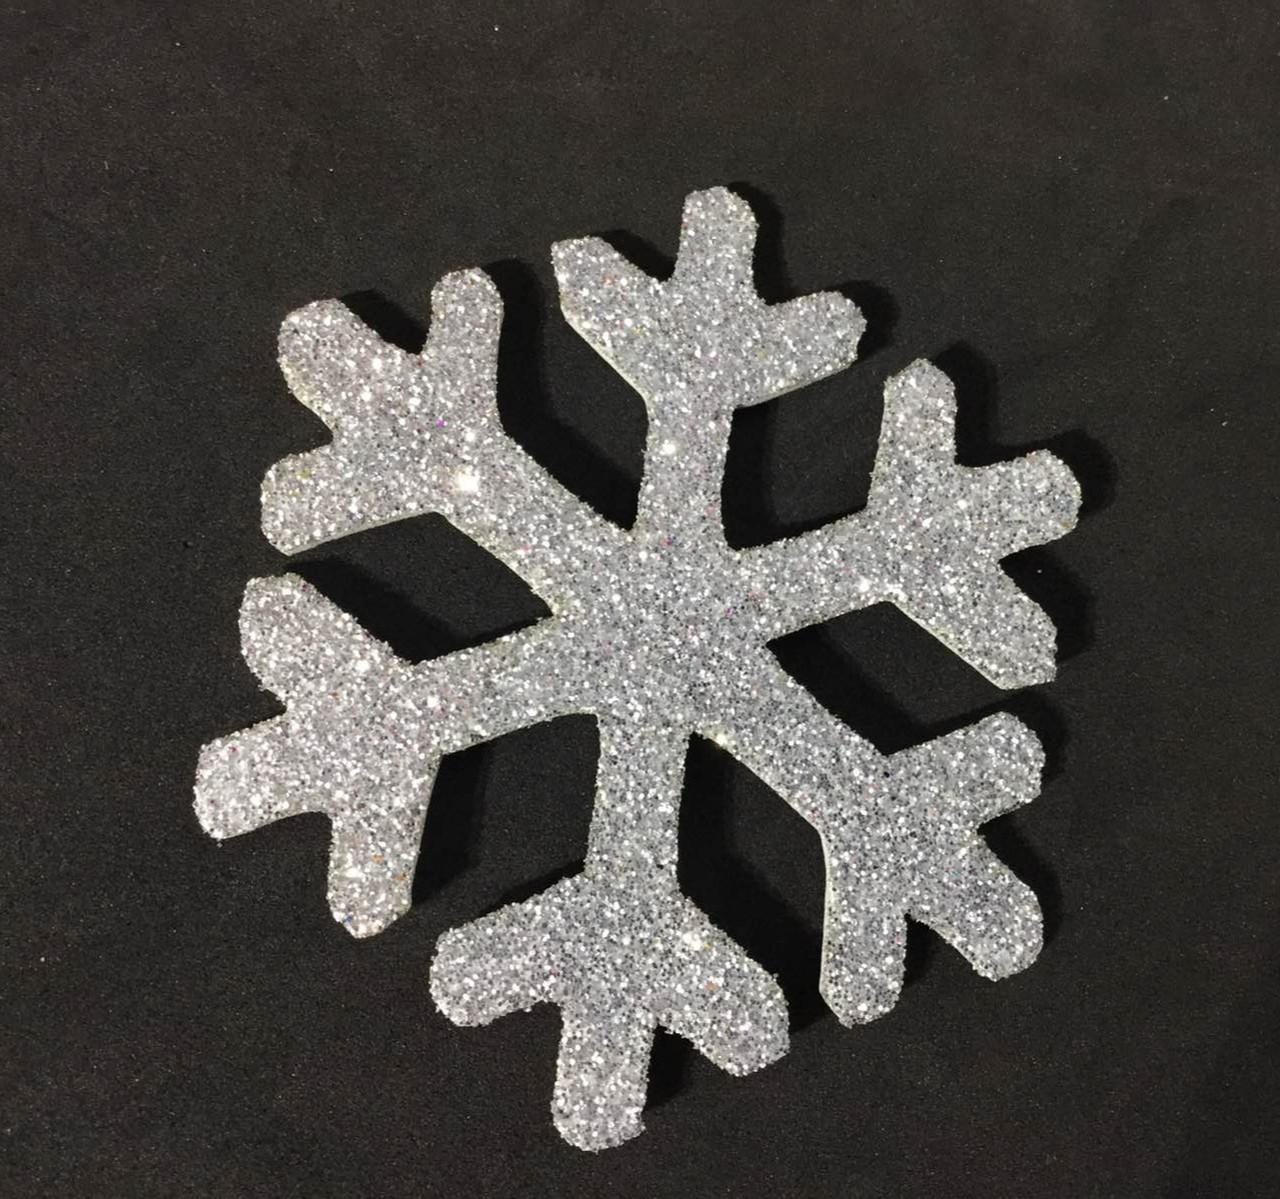 Снежинки из фоамирана, БЕЛАЯ, 4 см в диаметре, набор 10 шт